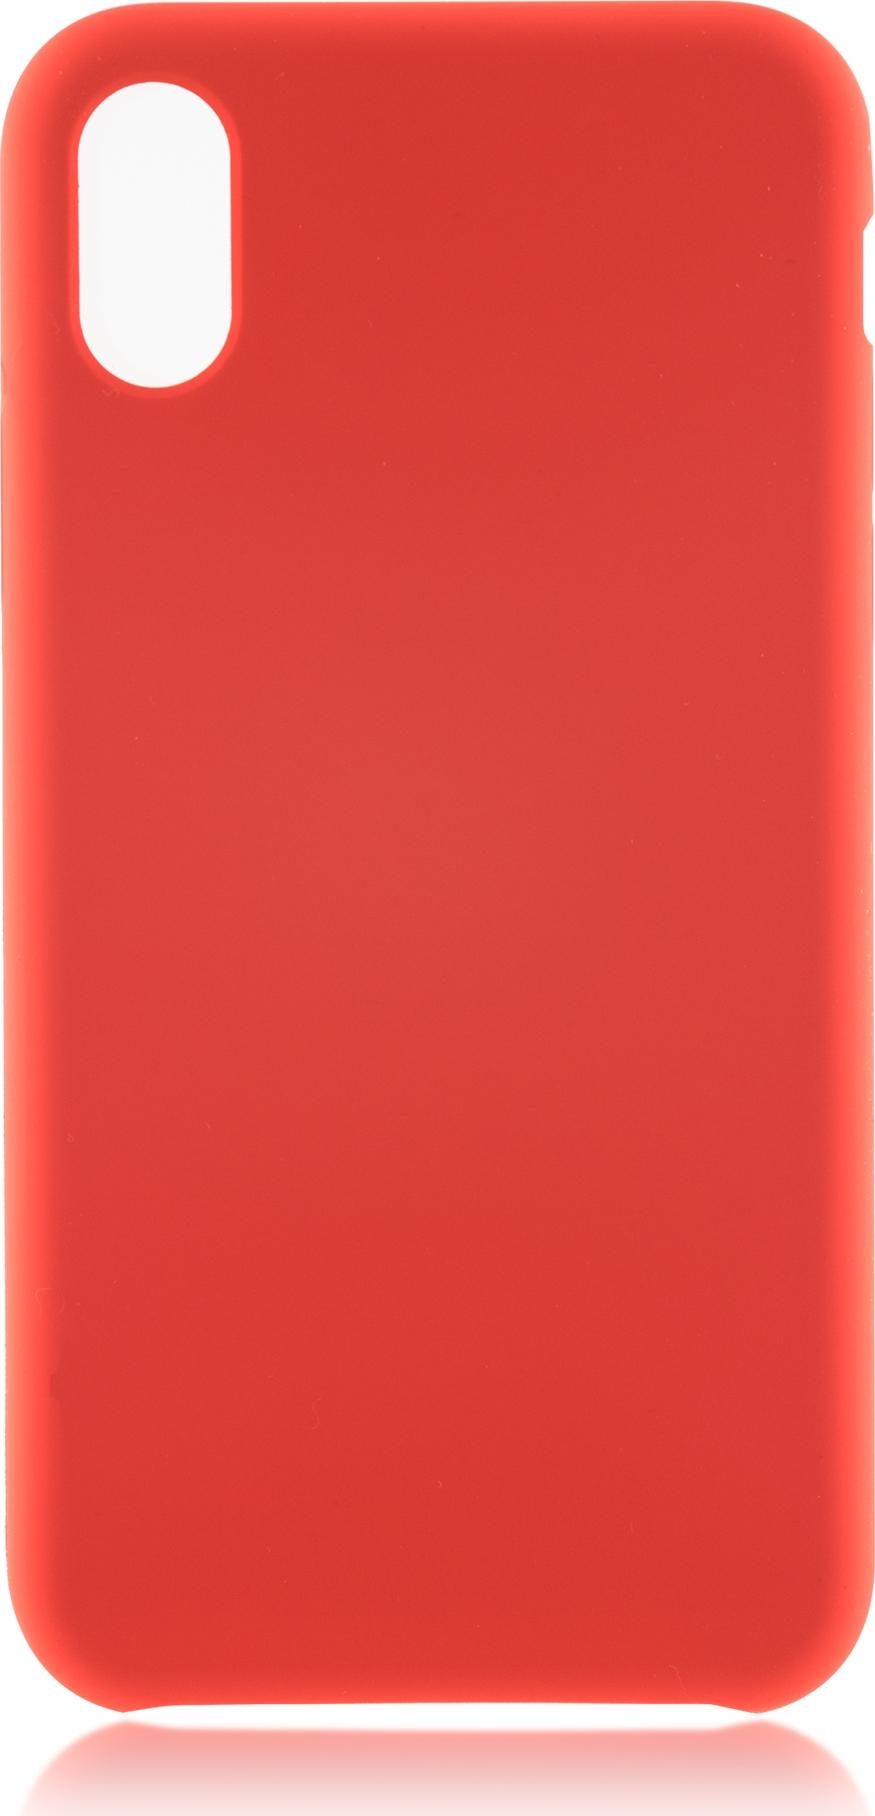 Чехол Brosco Softrubber для Apple iPhone X, красный цена и фото